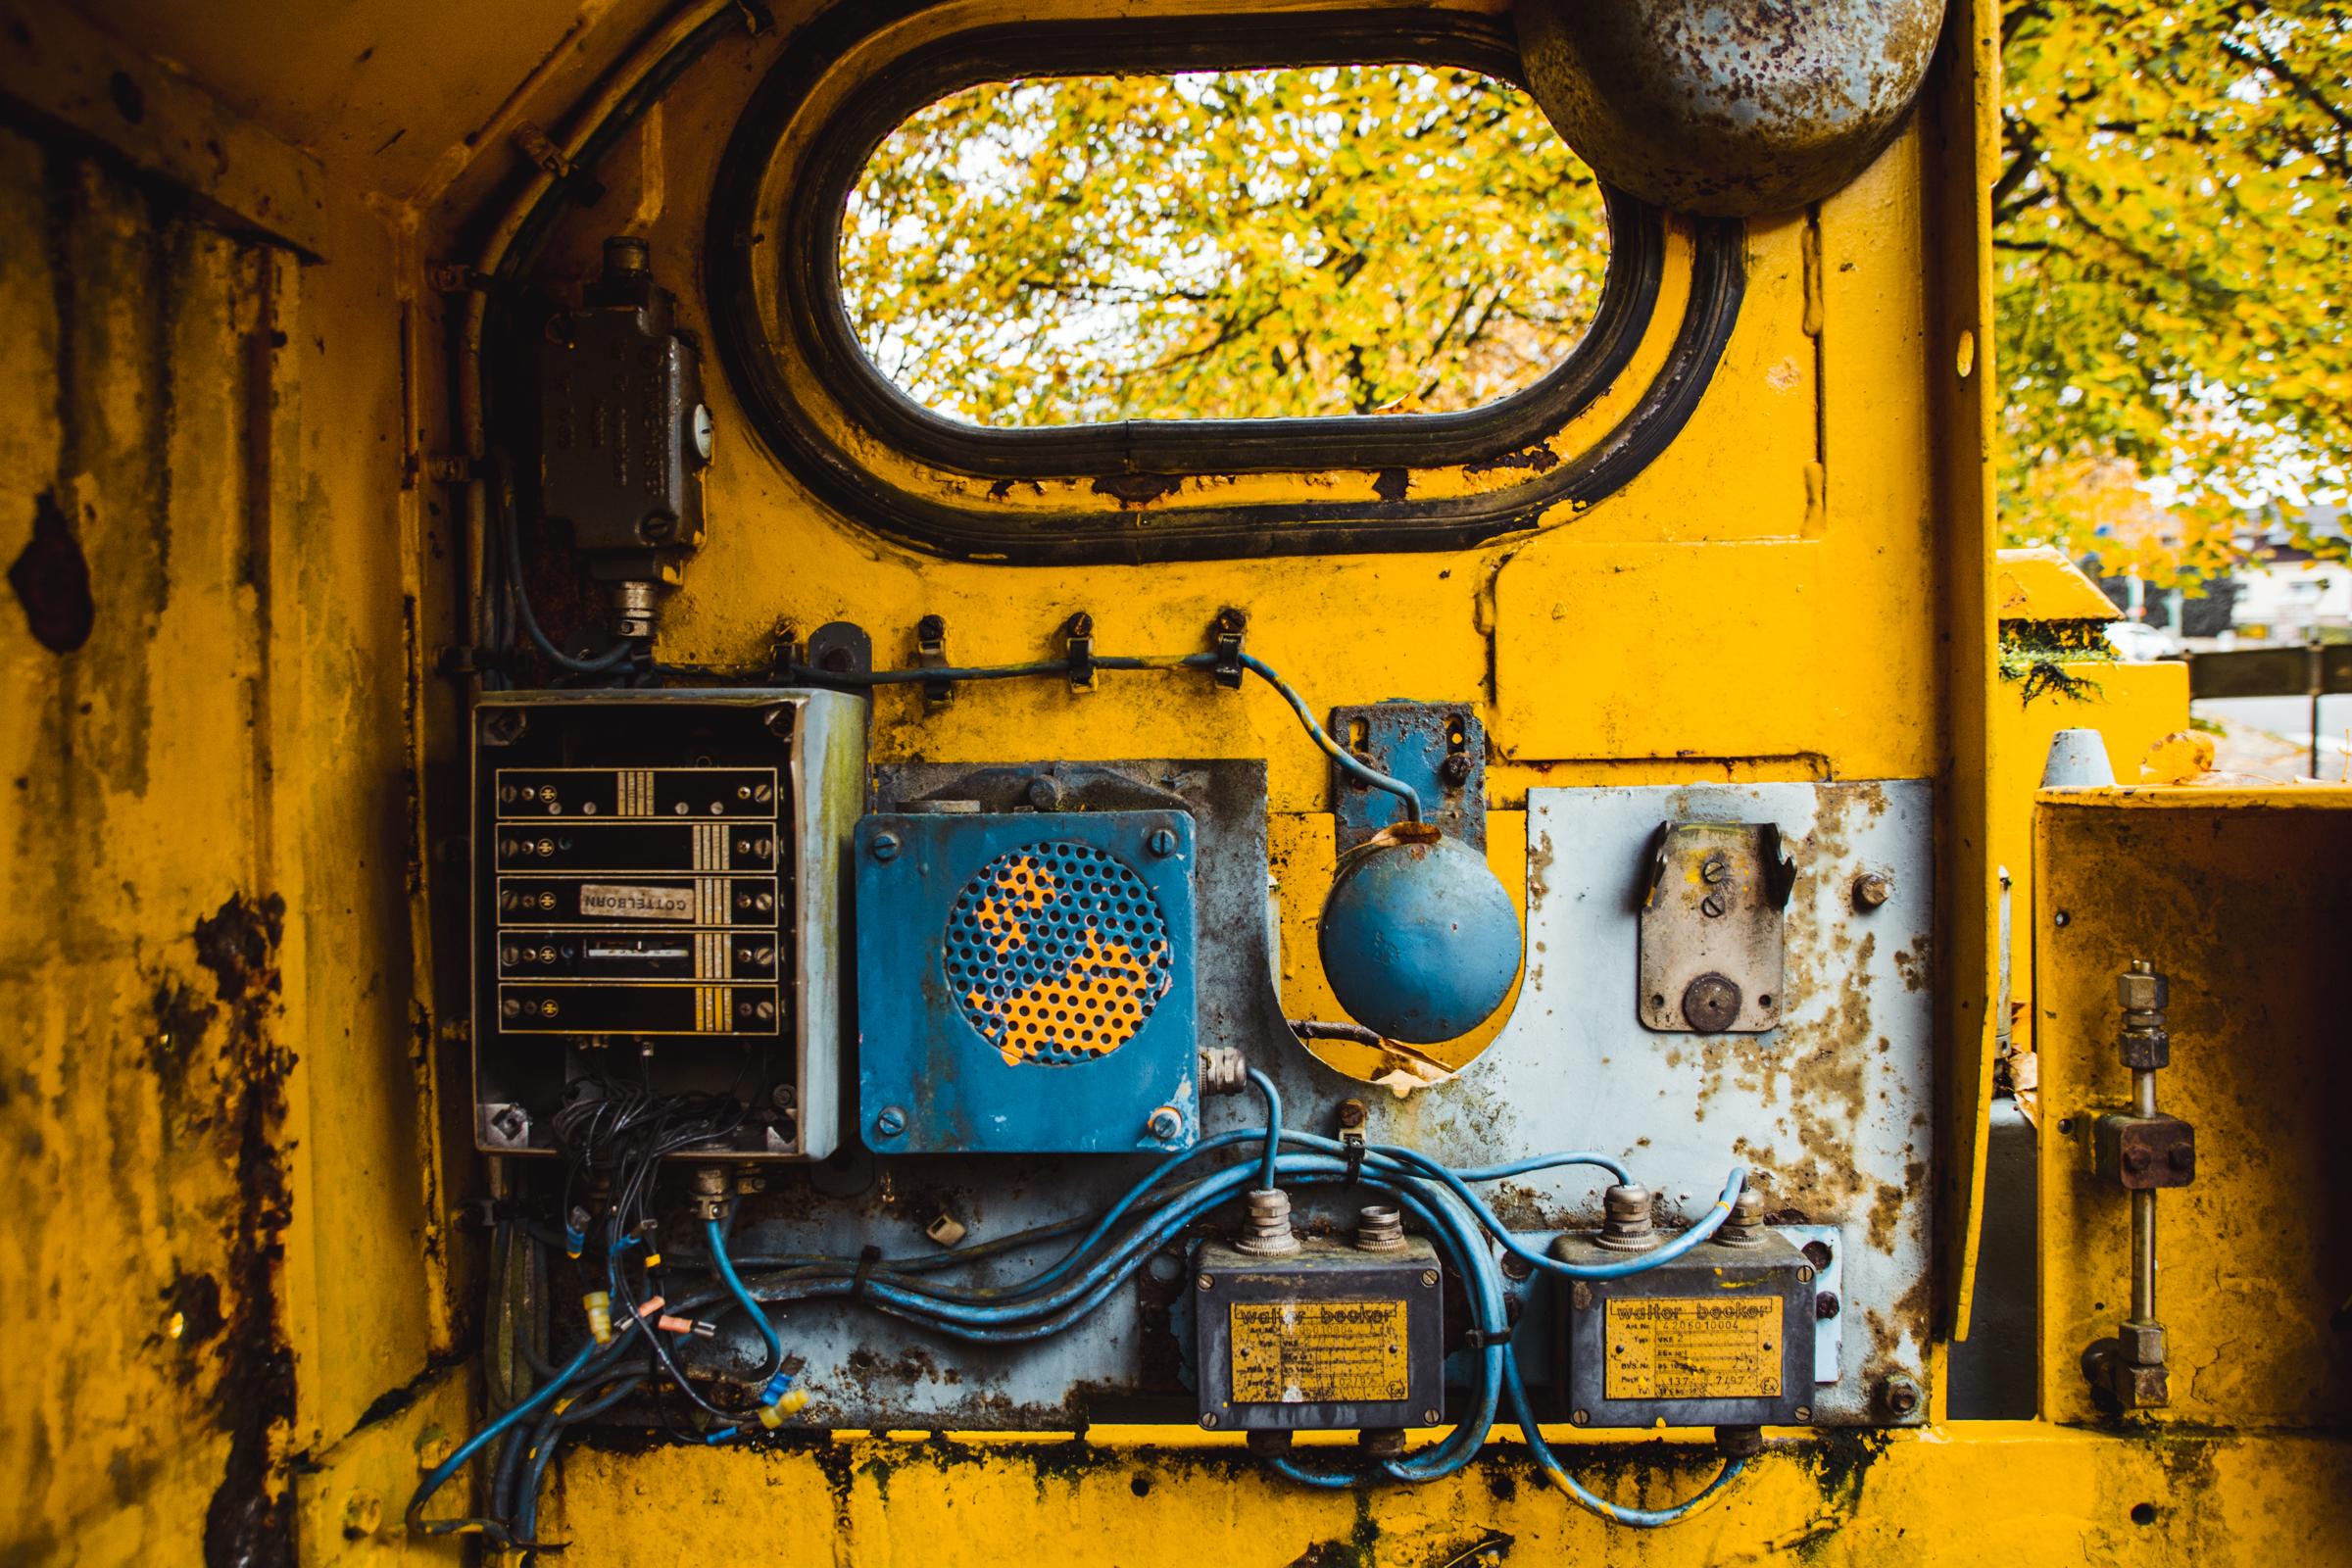 Eisenbahnschachtanlage | Sulzbach | Altenwald | Bergbau im Saarland